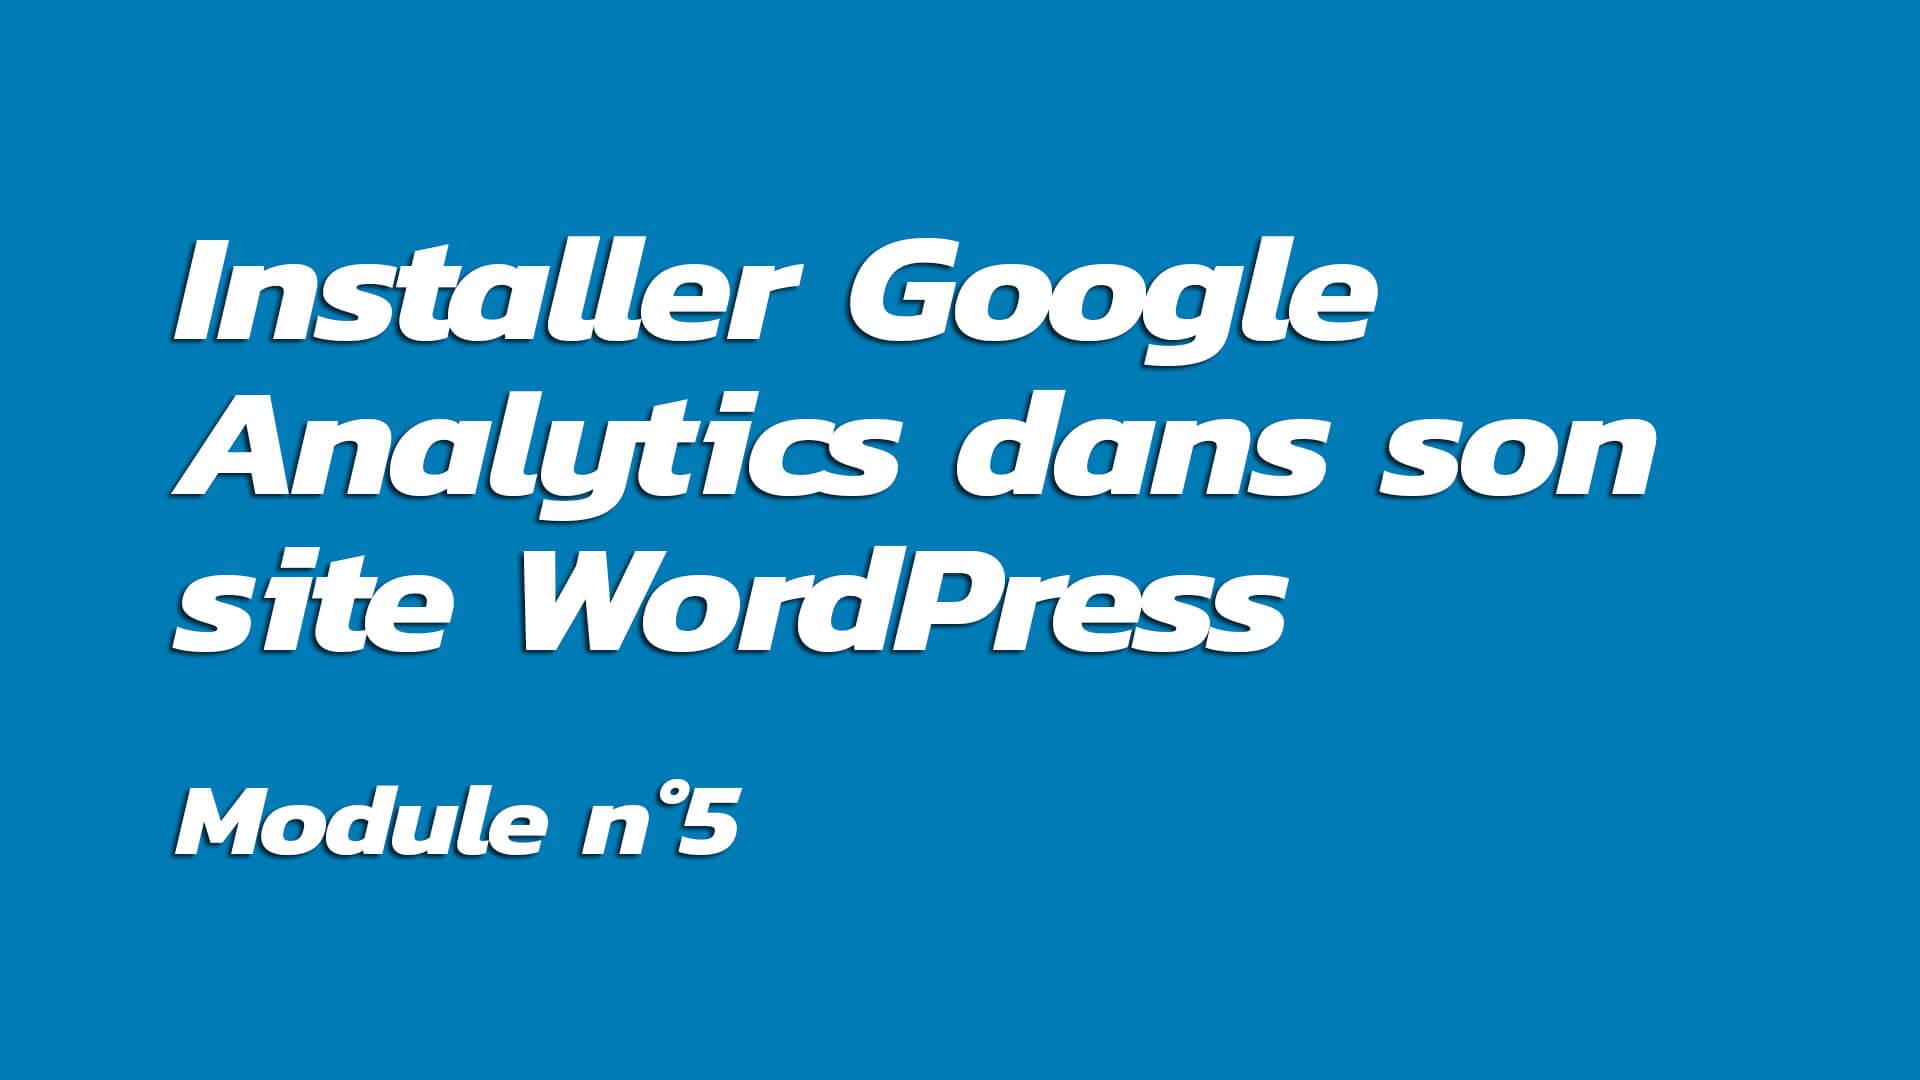 Formation : Installer Google Analytics dans son site WordPress